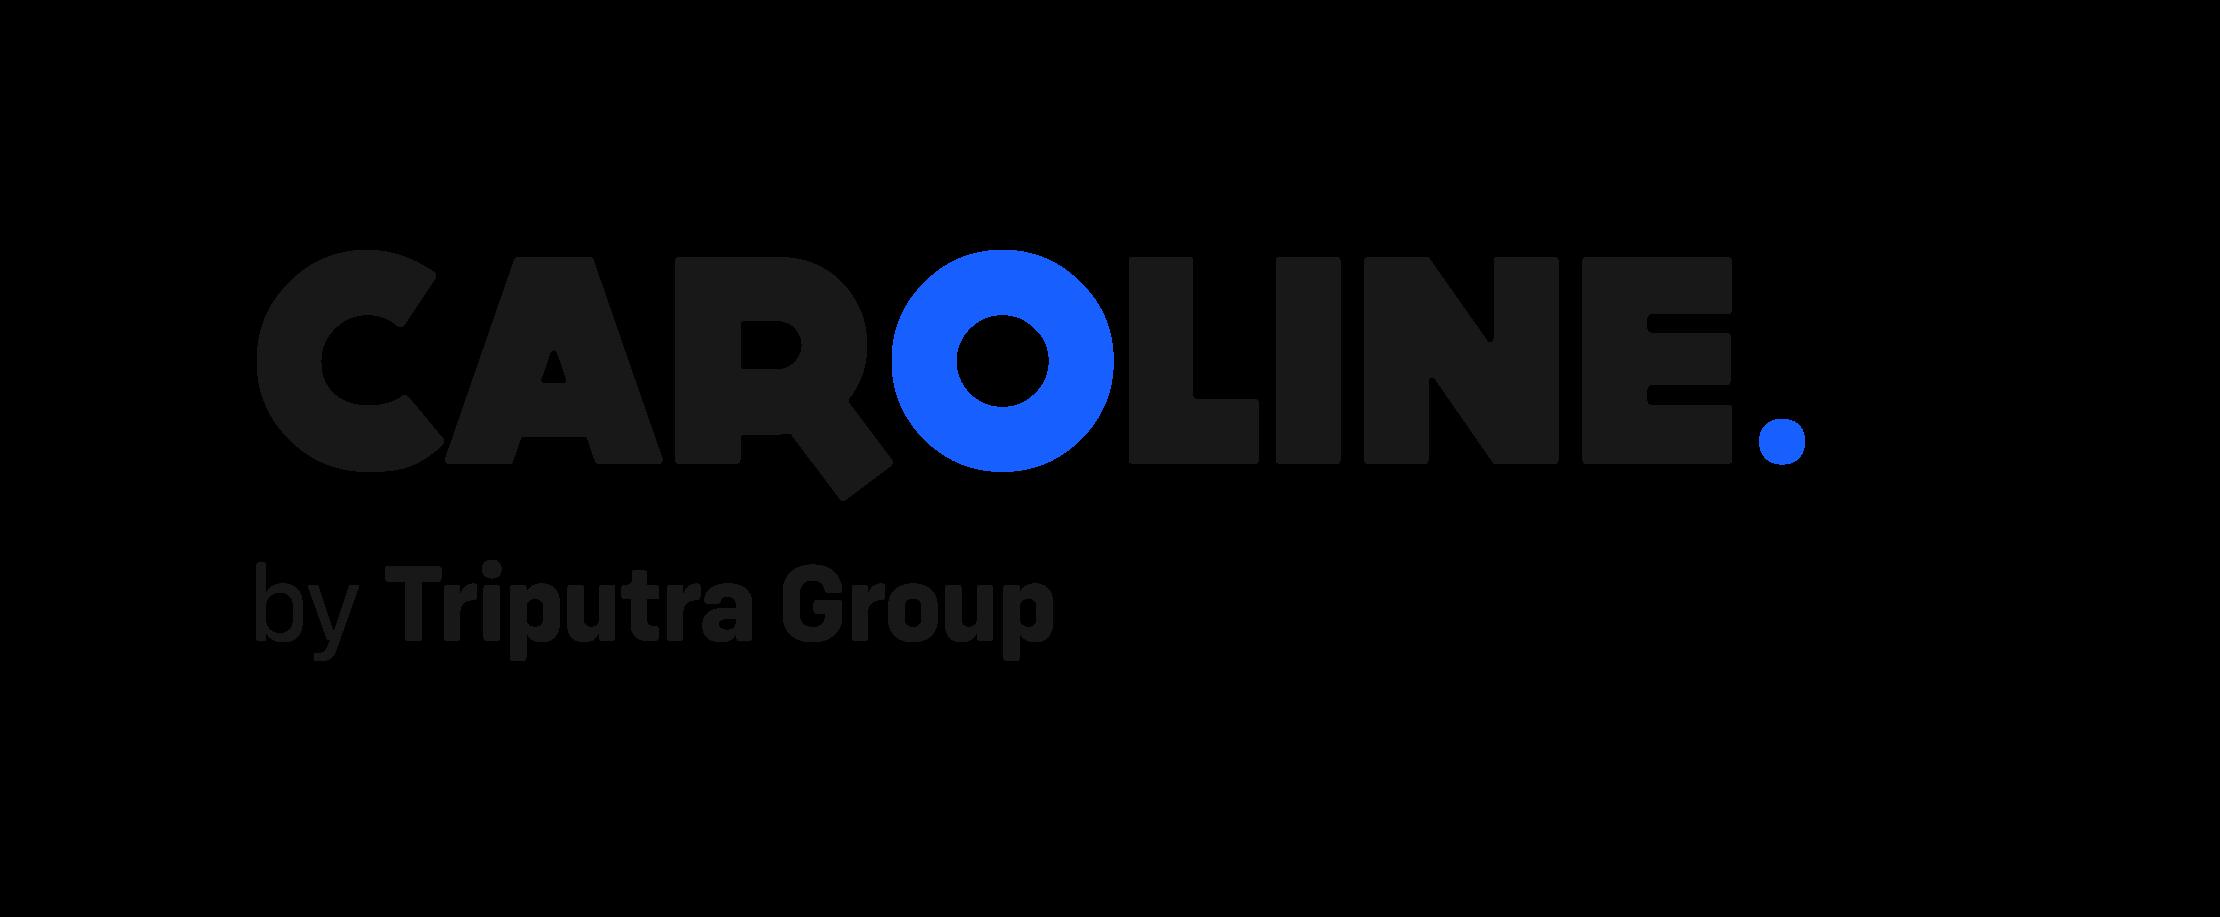 Logo-CAROLINE-id-by-Triputra-Group-Color.png (31 KB)